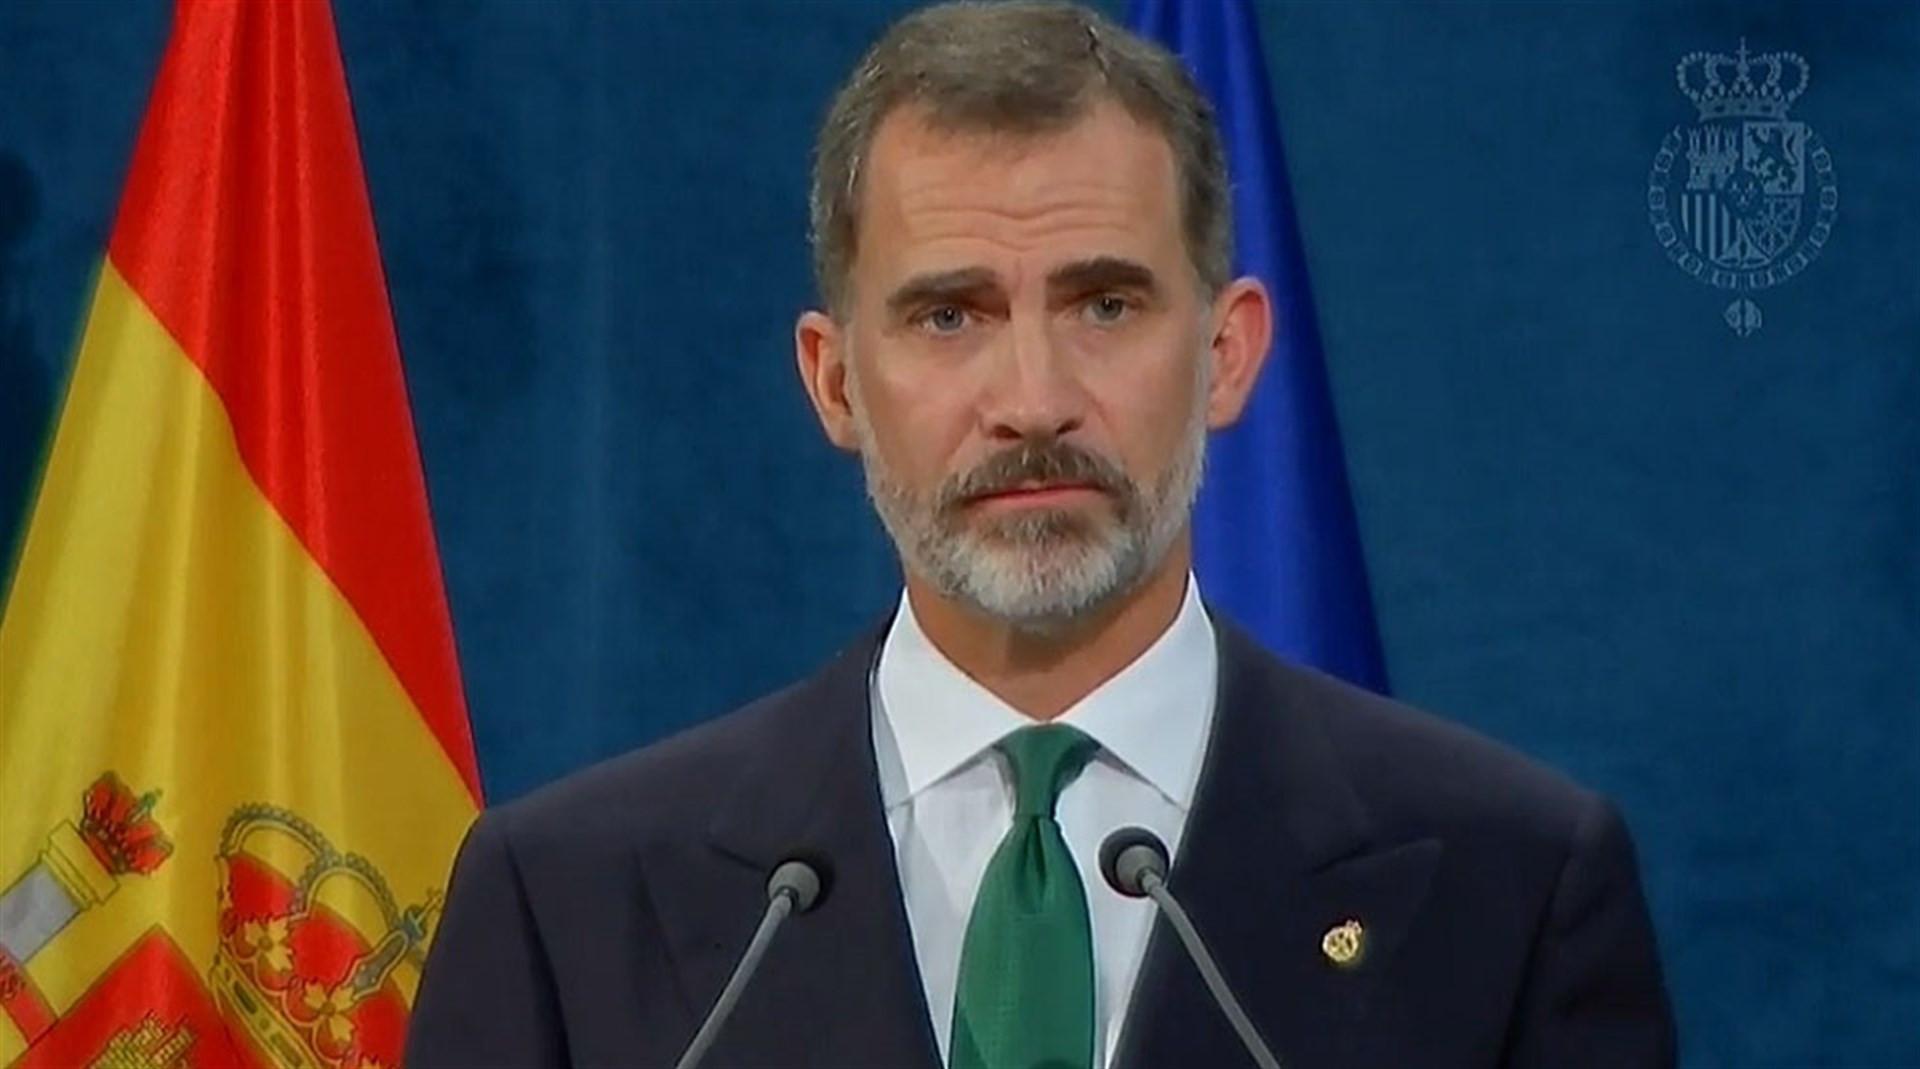 Felipe VI premio princesa asturias 2017